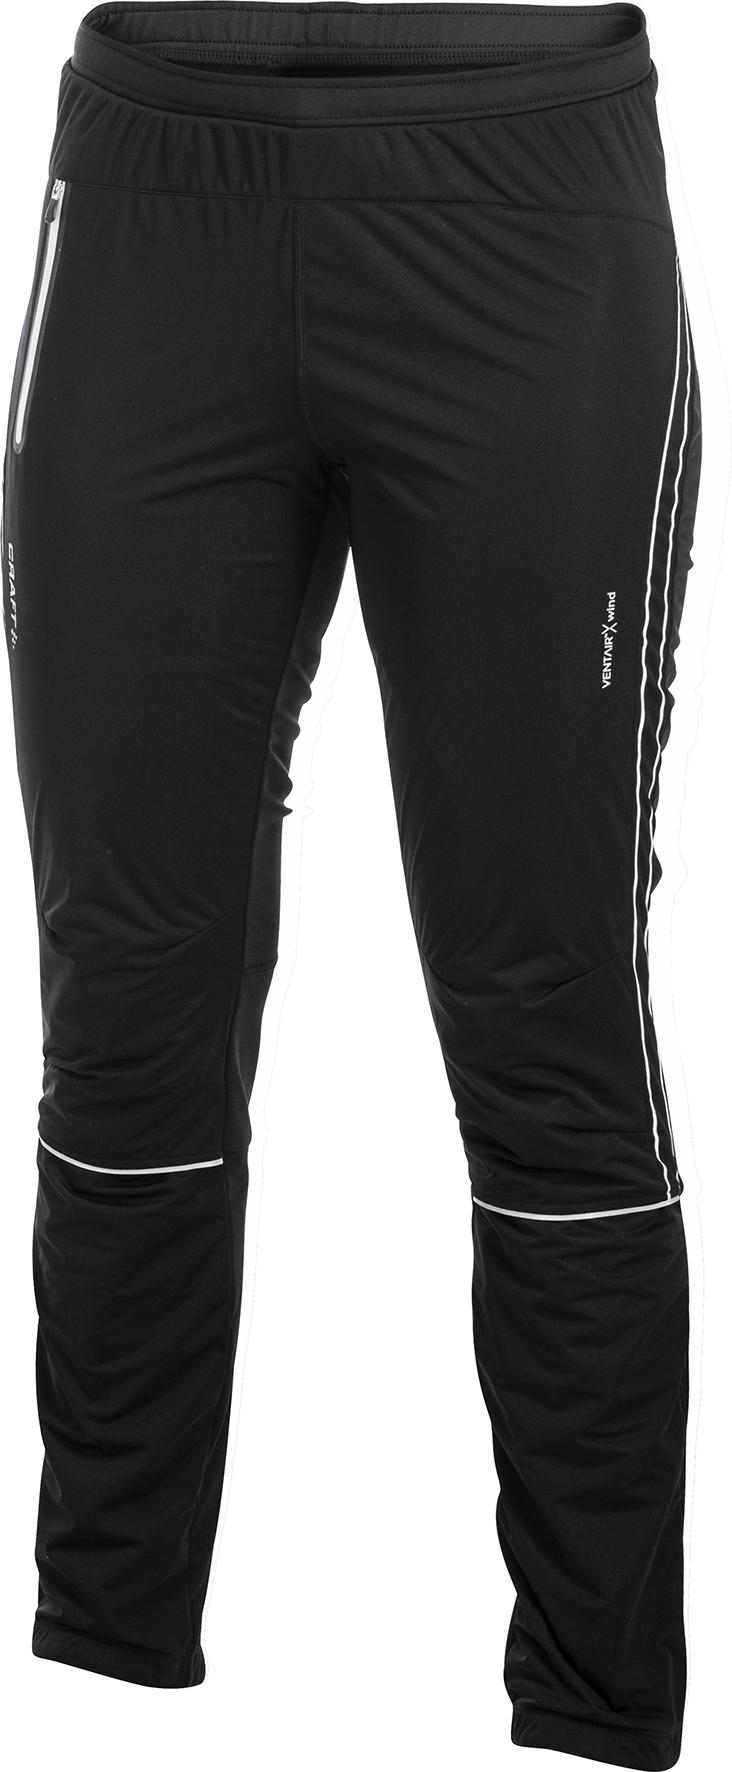 Лыжные брюки Craft Nordic мужские